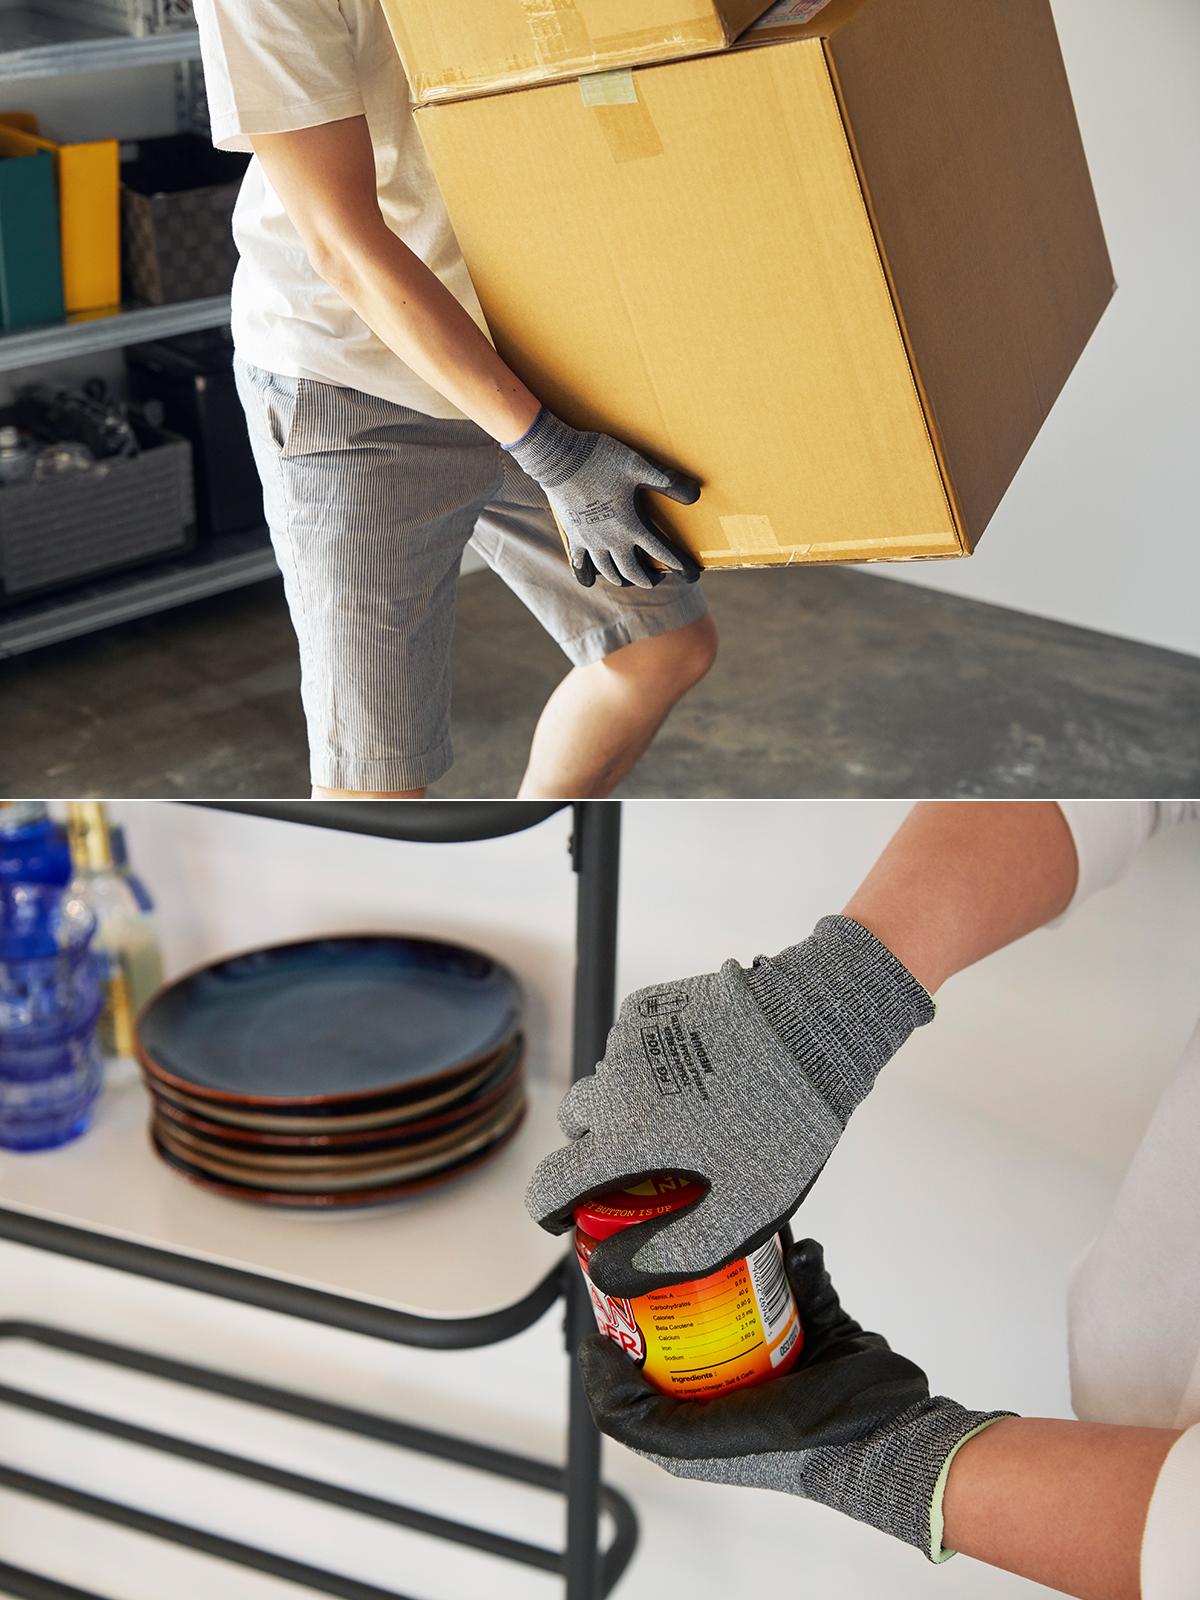 使い勝手のよい、プロ向け作業用手袋を、私たちのふだんの暮しでも、楽しみながら使えるように、『workers gloves』は、毎日の服に合せやすいデザインへ、生まれ変わりました。スマホを触れる。ネジもつまめる抜群のフィット感で、指先がスイスイ動く「作業用手袋」|workers gloves(ワーカーズグローブ)